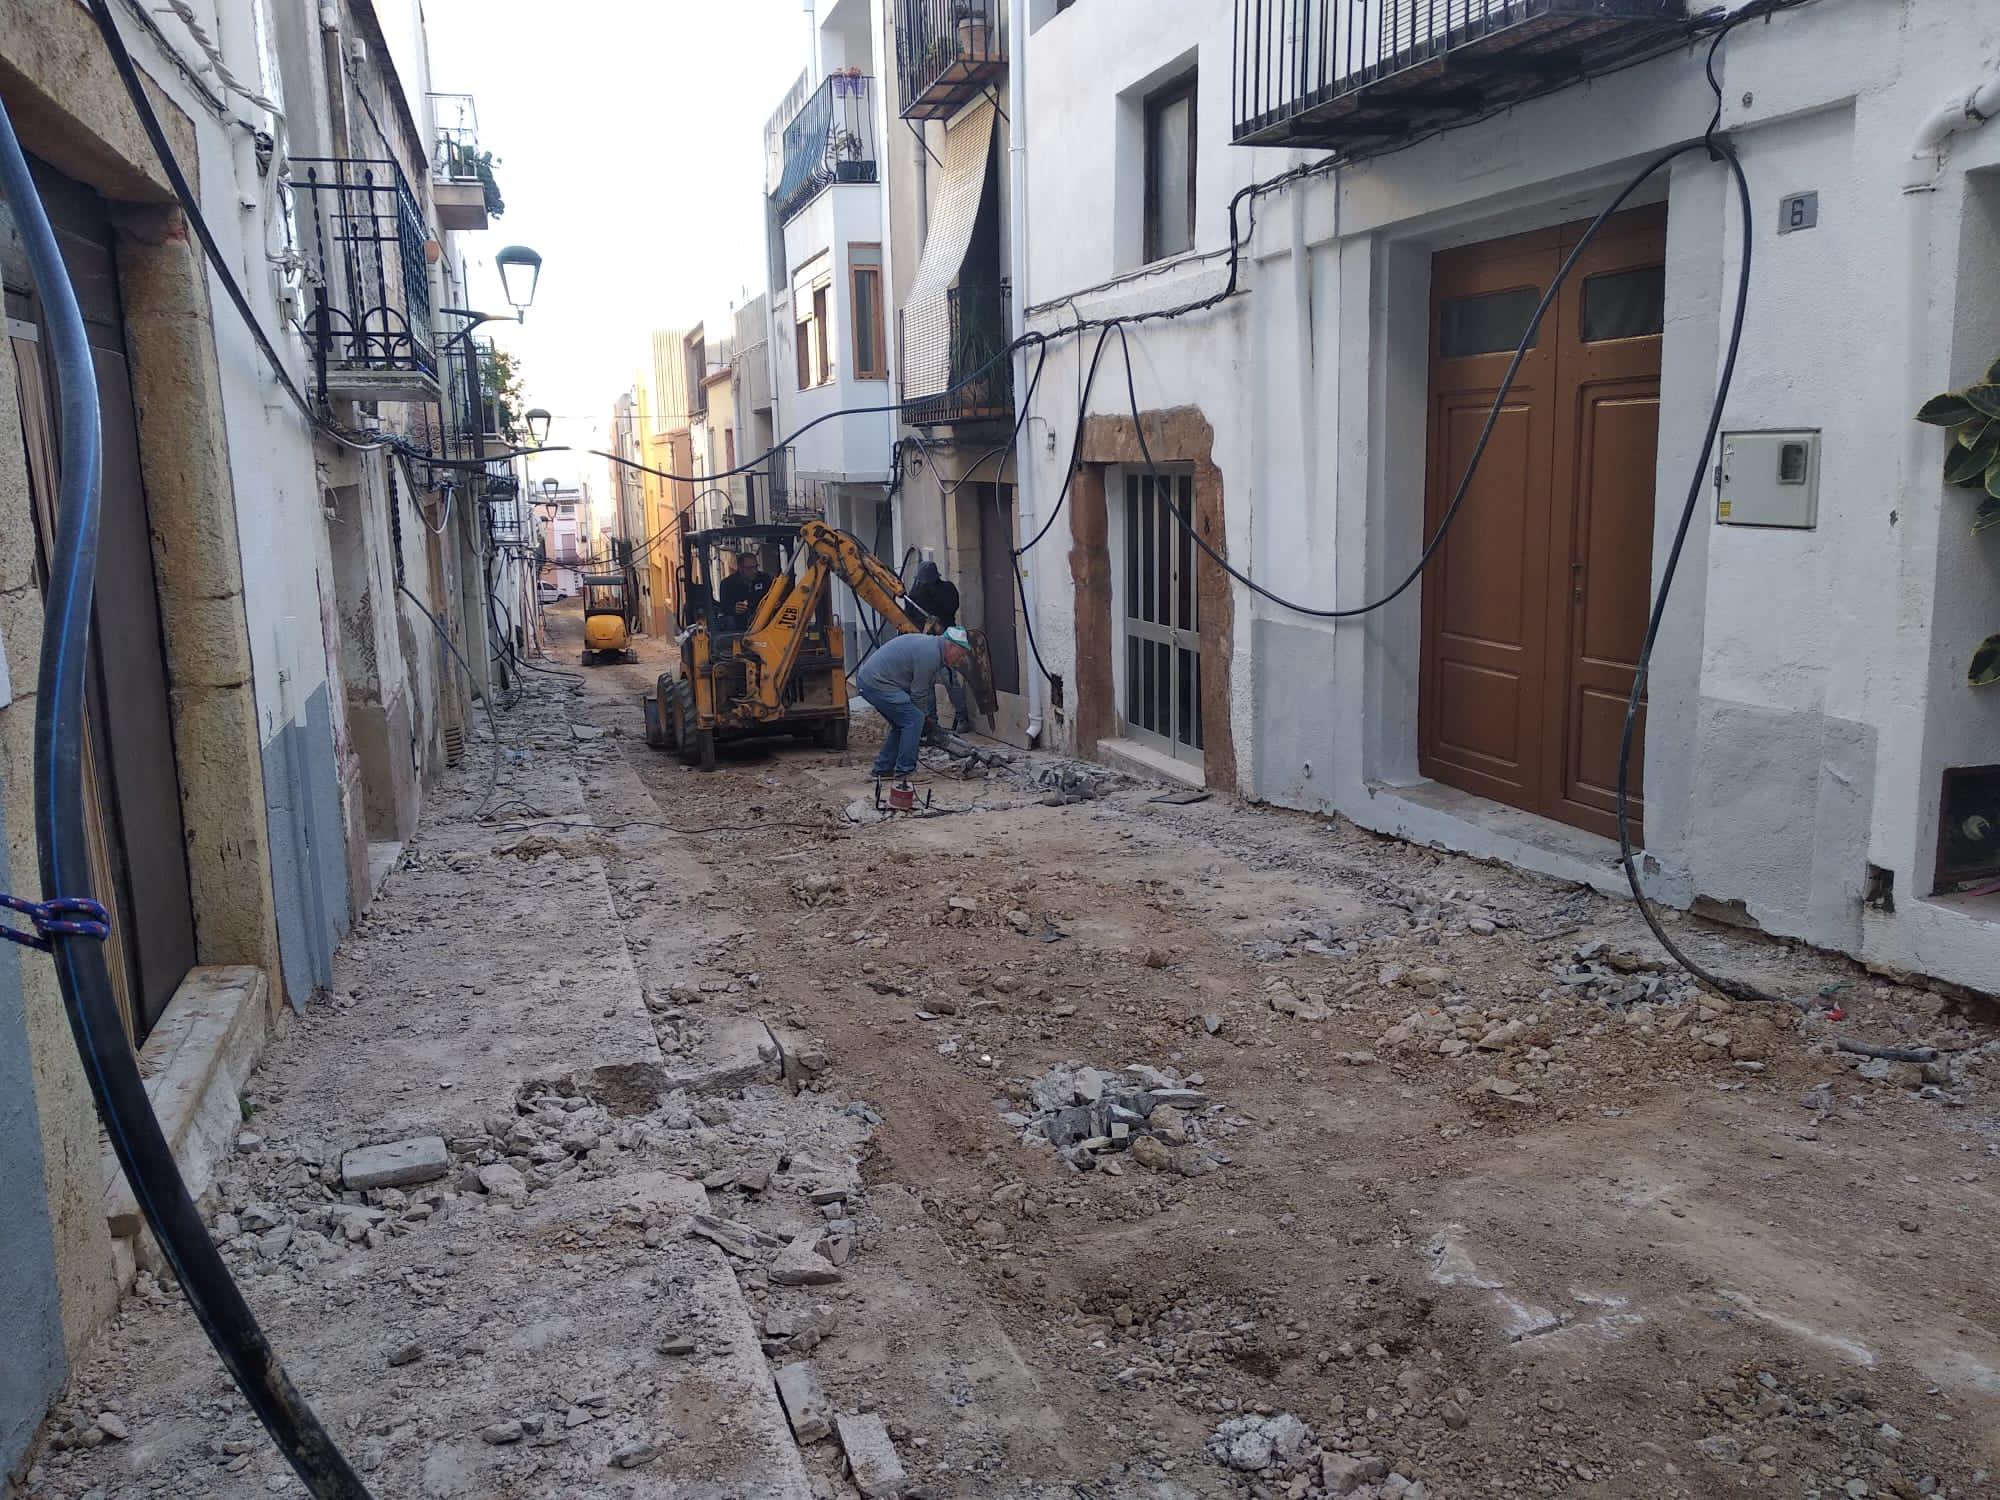 Càlig; L'Ajuntament de Càlig està duent a terme este mes els treballs de renovació i millora del carrer Baixada de Santa Bàrbara